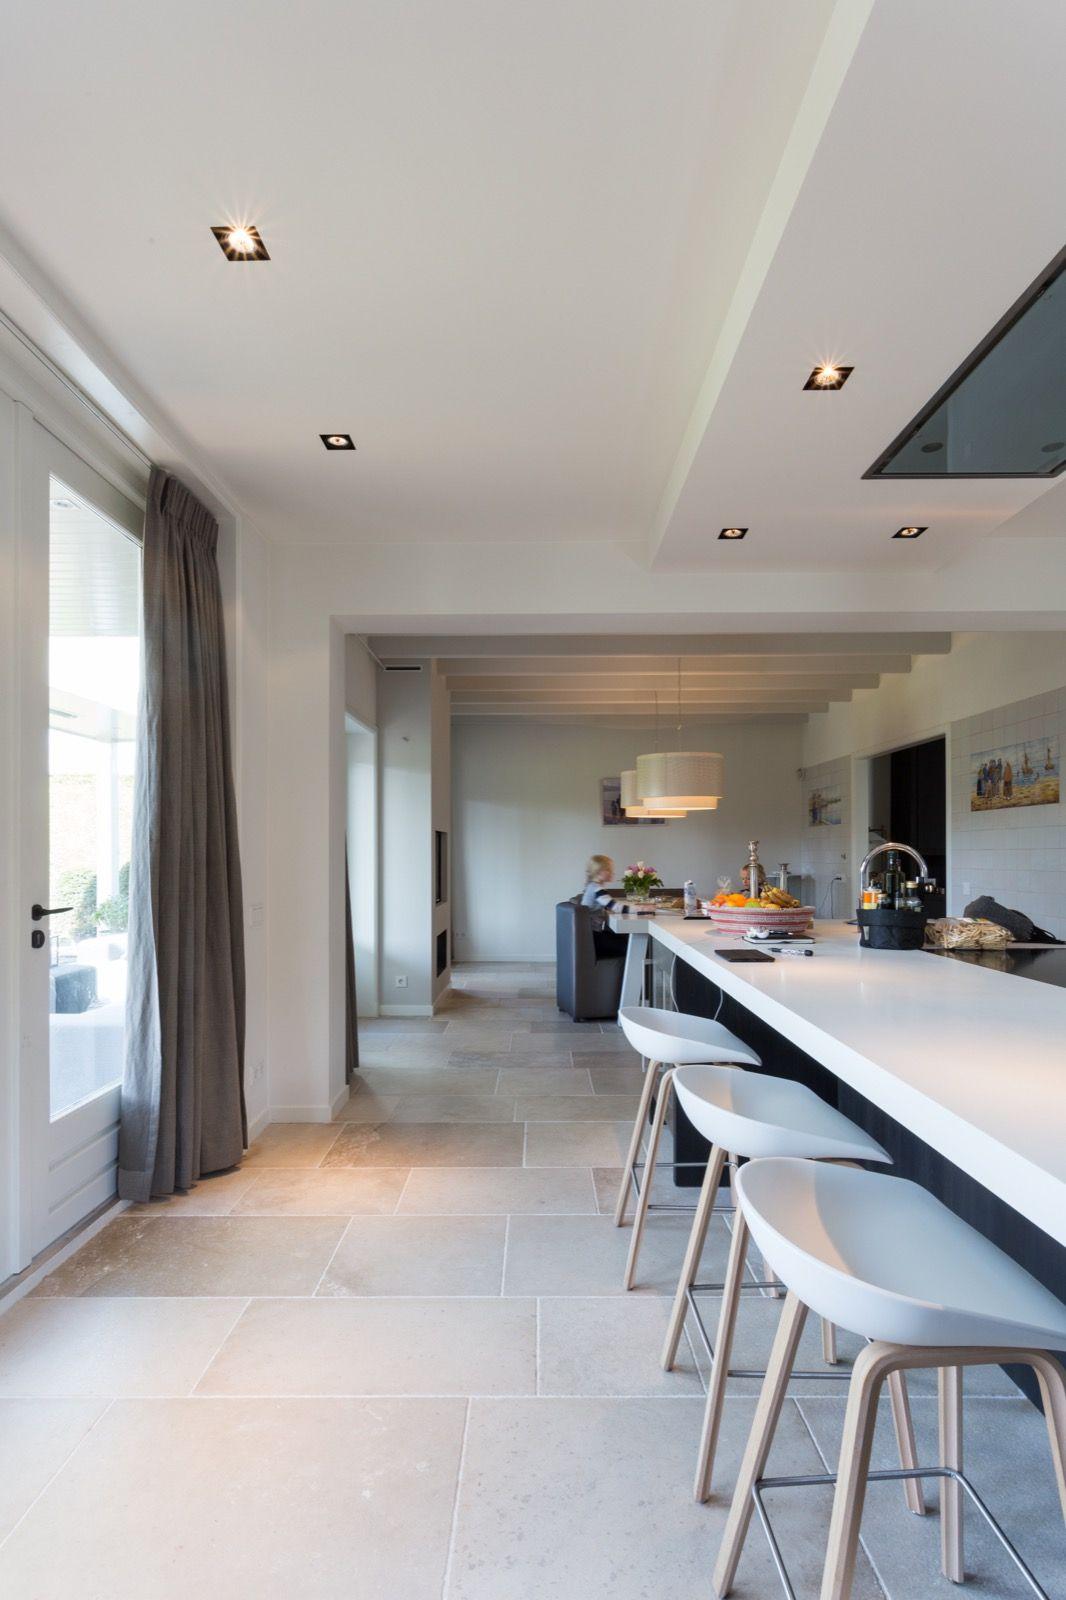 Kersbergen Natuursteen Vloeren - Bourgondische Dal, natuursteen tegels binnen het huis - Hoog ■ Exclusieve woon- en tuin inspiratie.